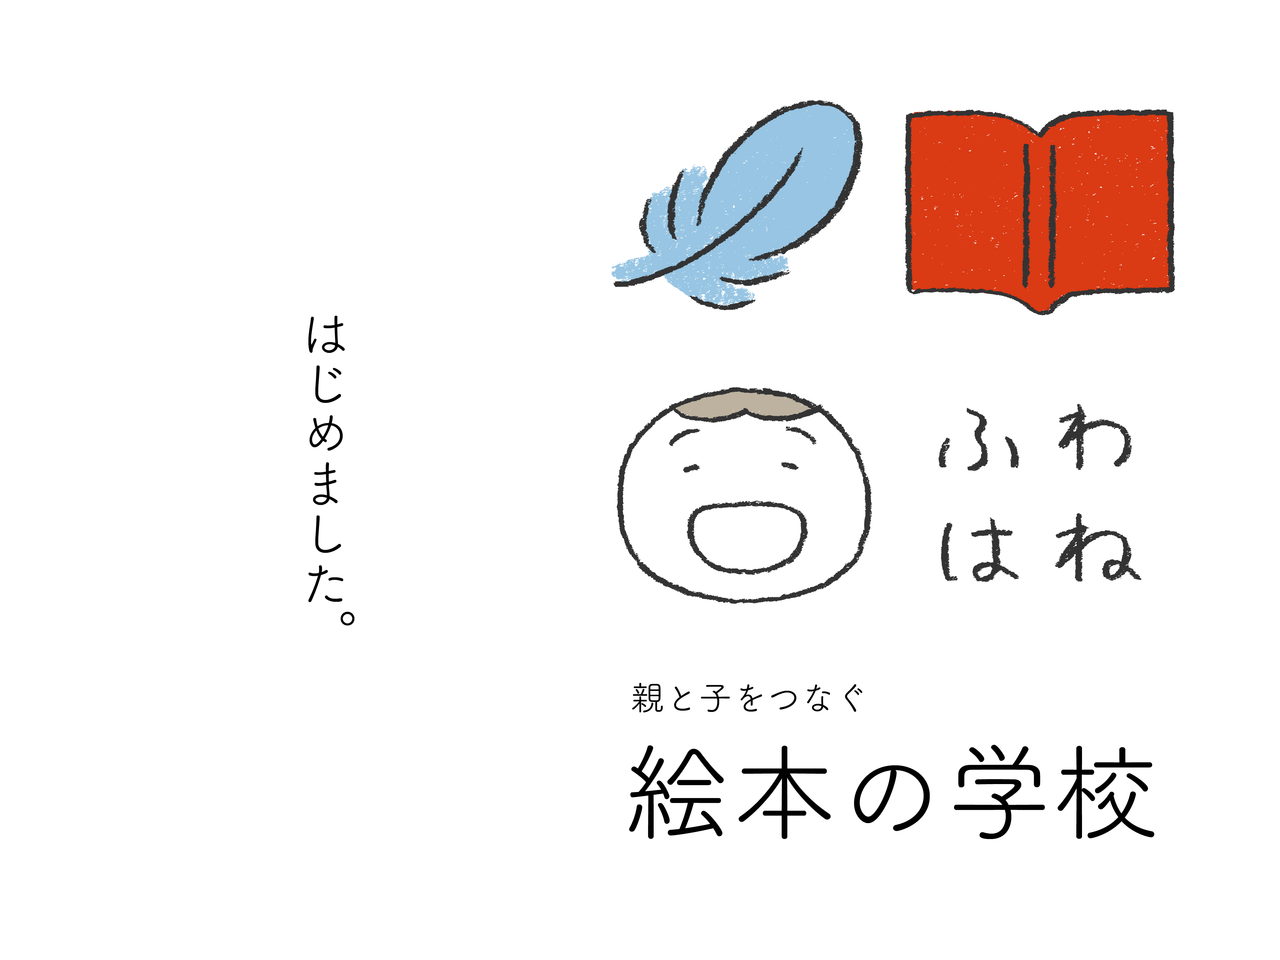 ふわはね「親と子をつなぐ 絵本の学校」by ニジノ絵本屋